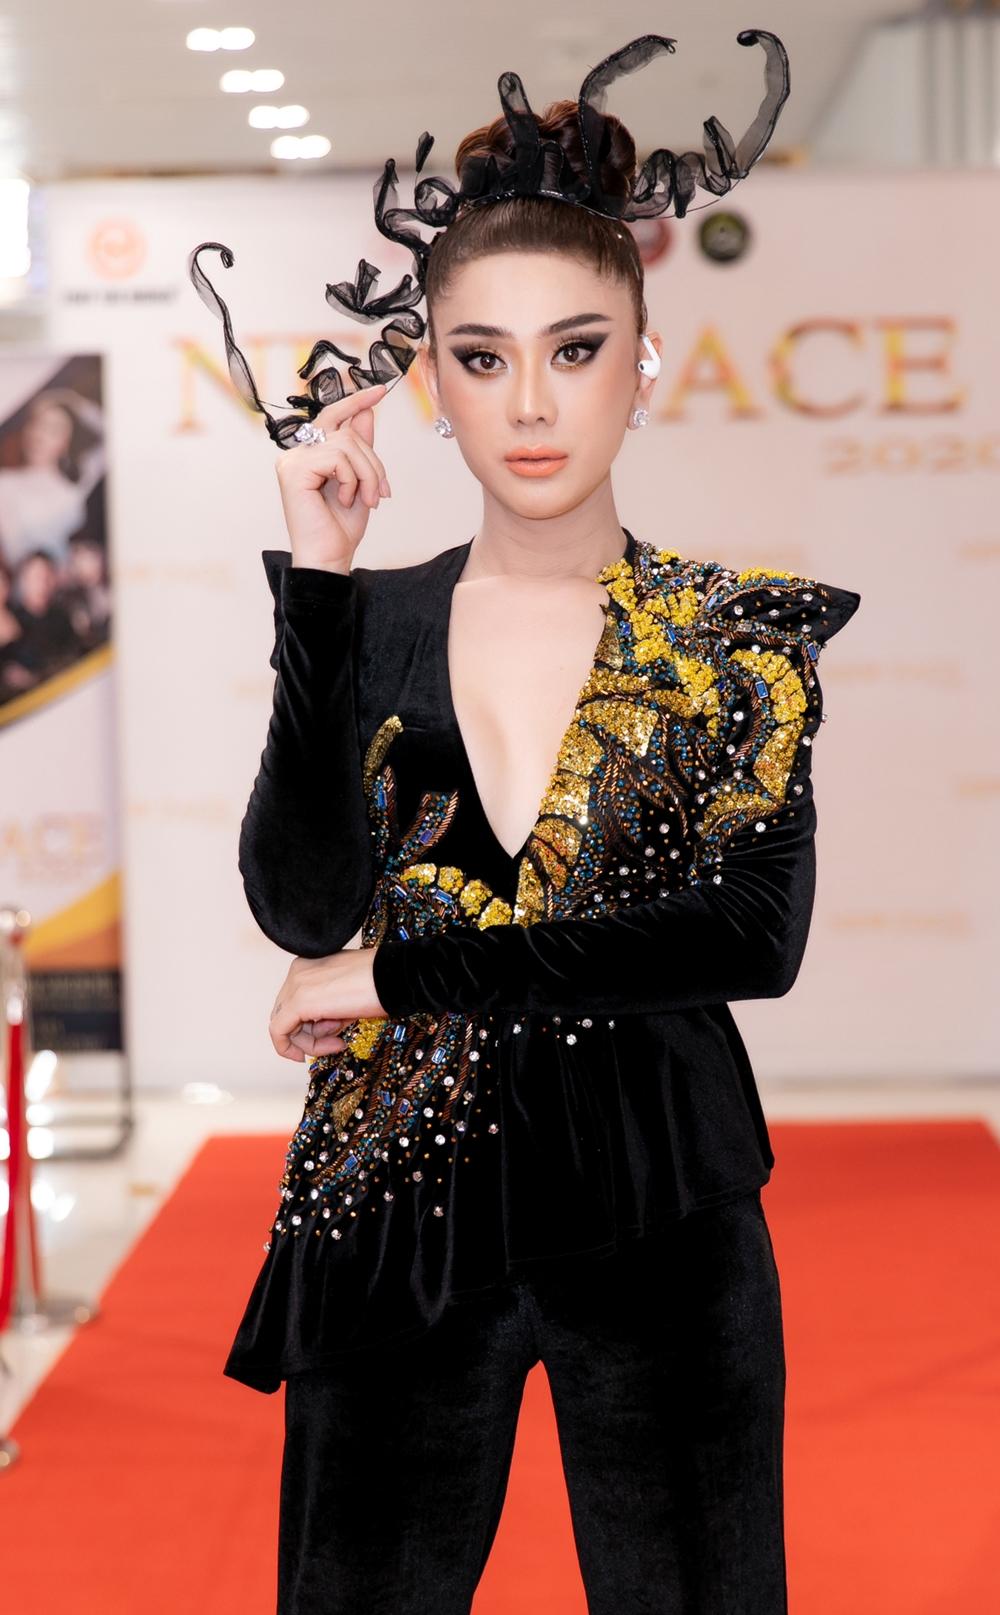 Cô chọn diện suit ôm sát cơ thể, được xẻ ngực sâu kết hợp họa tiết điểm nhấn màu vàng kiêu sa.